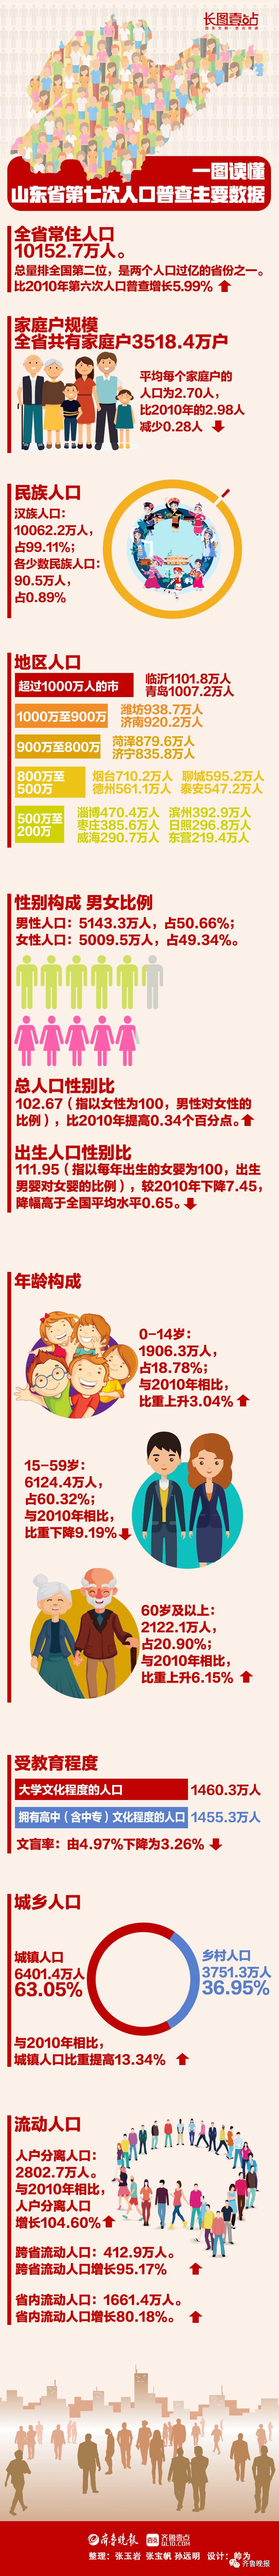 全国人口数量_山东常住人口10152.7万人!青岛常住人口首次突破1000万!